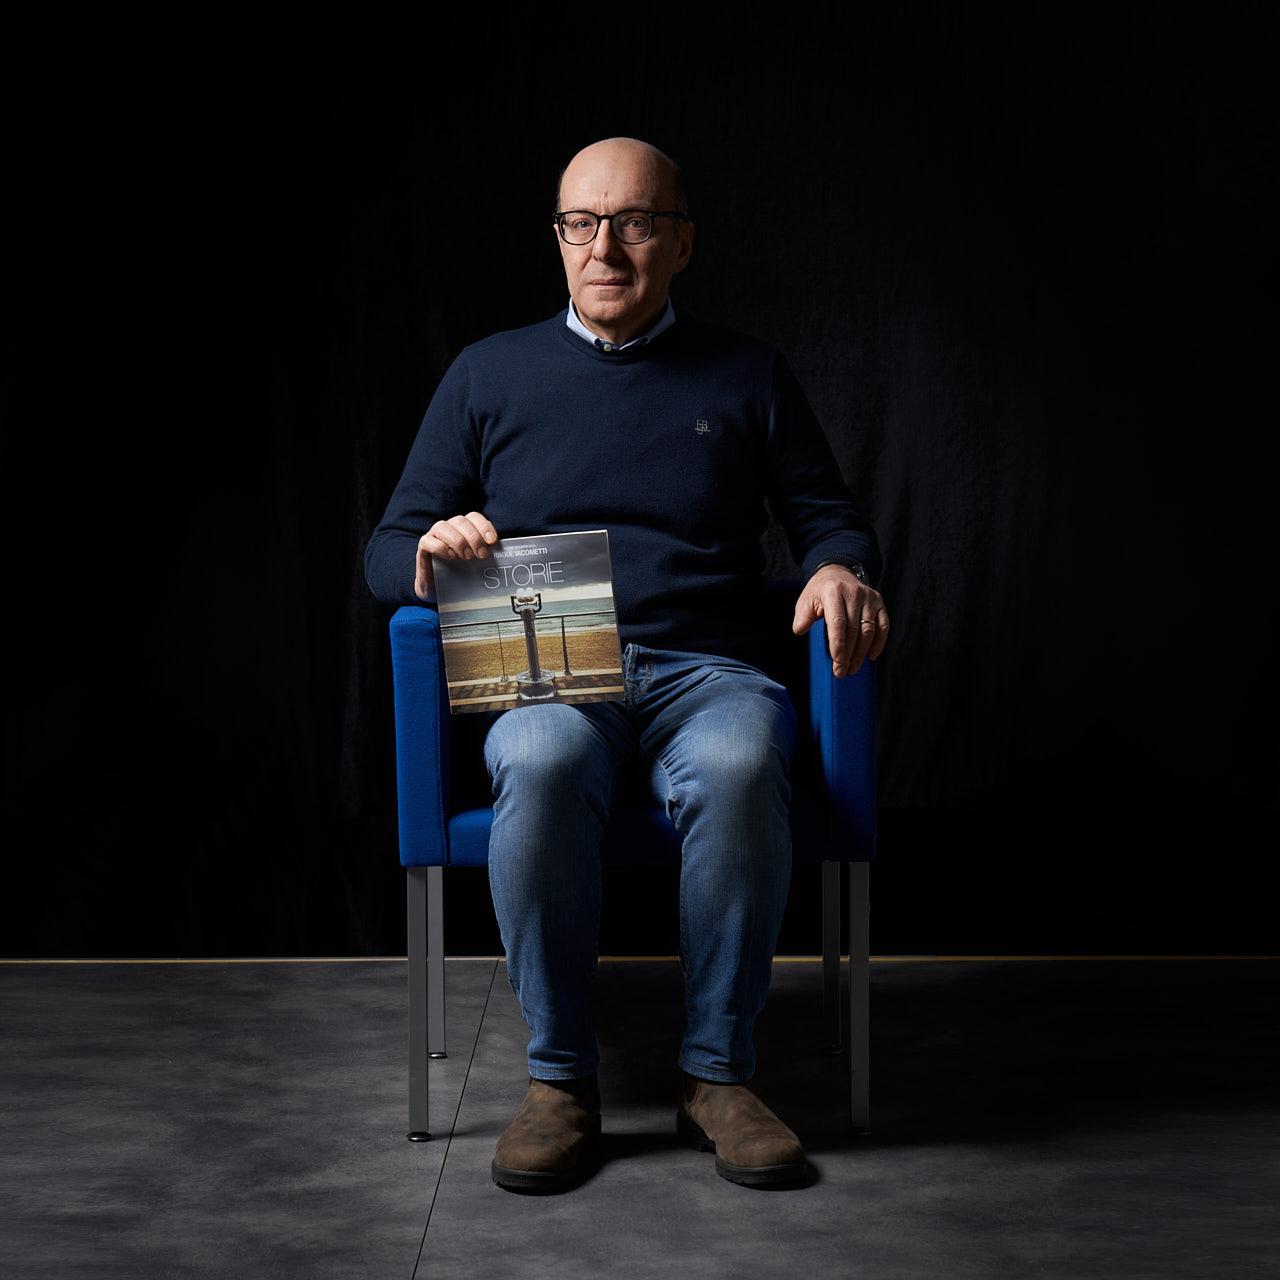 #INCIPIT - FOTO D'AUTORE COL LIBRO DEL CUORE - Fotografia di Massimiliano Ferrari Brescia per GIAMBATTISTA UBERTI